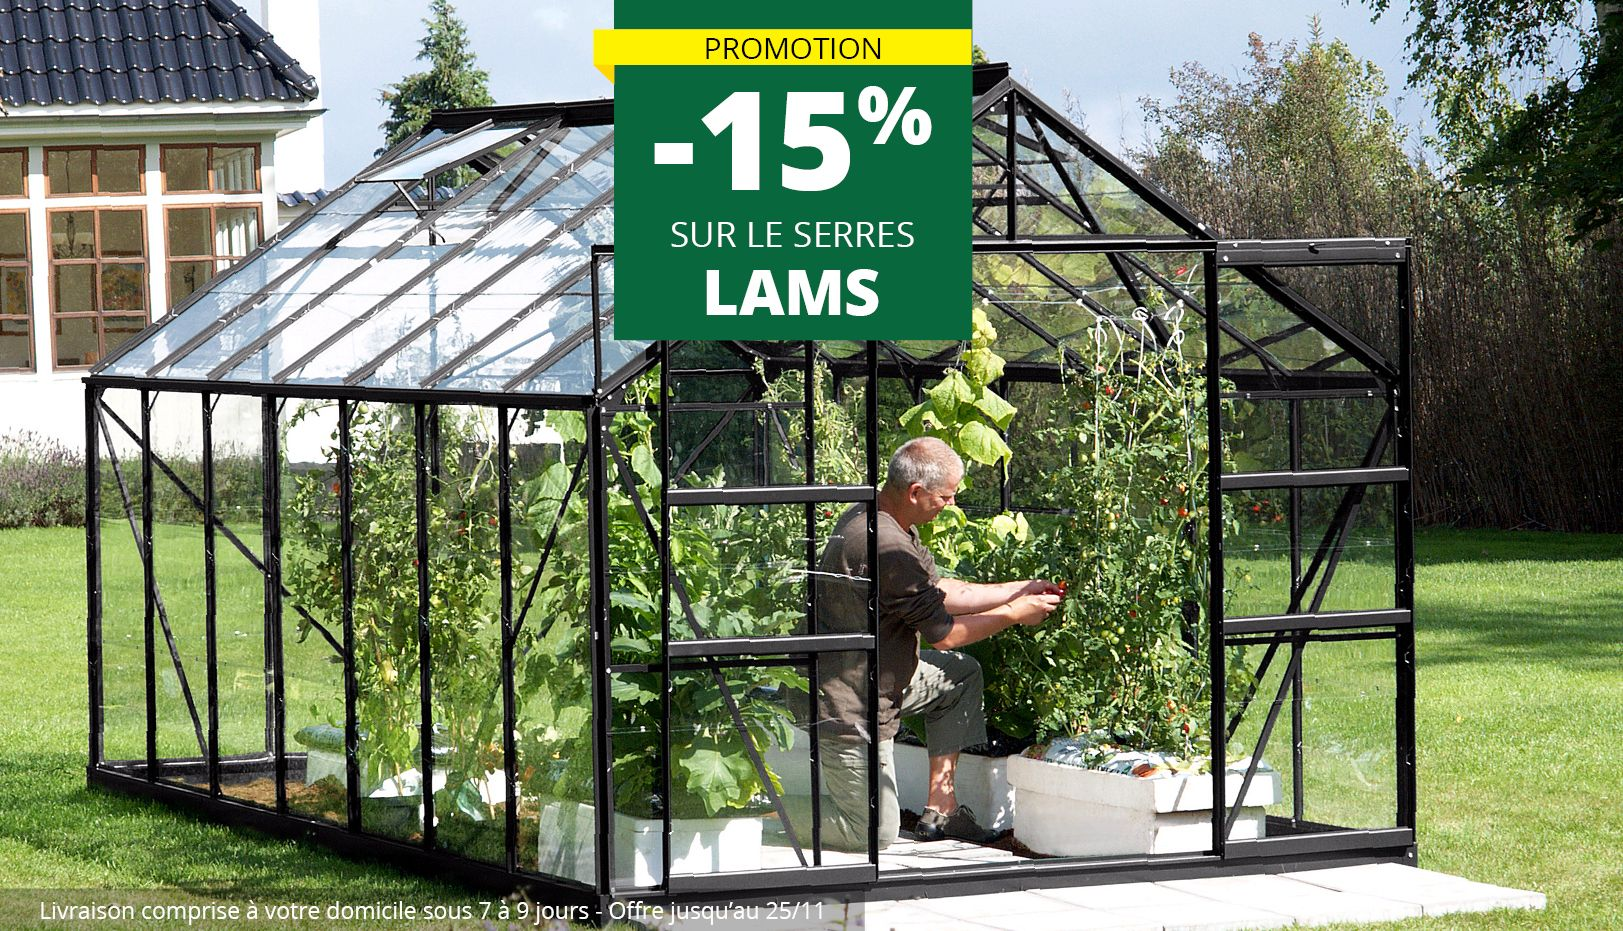 Embellissez votre jardin avec les serres LAMS -15%